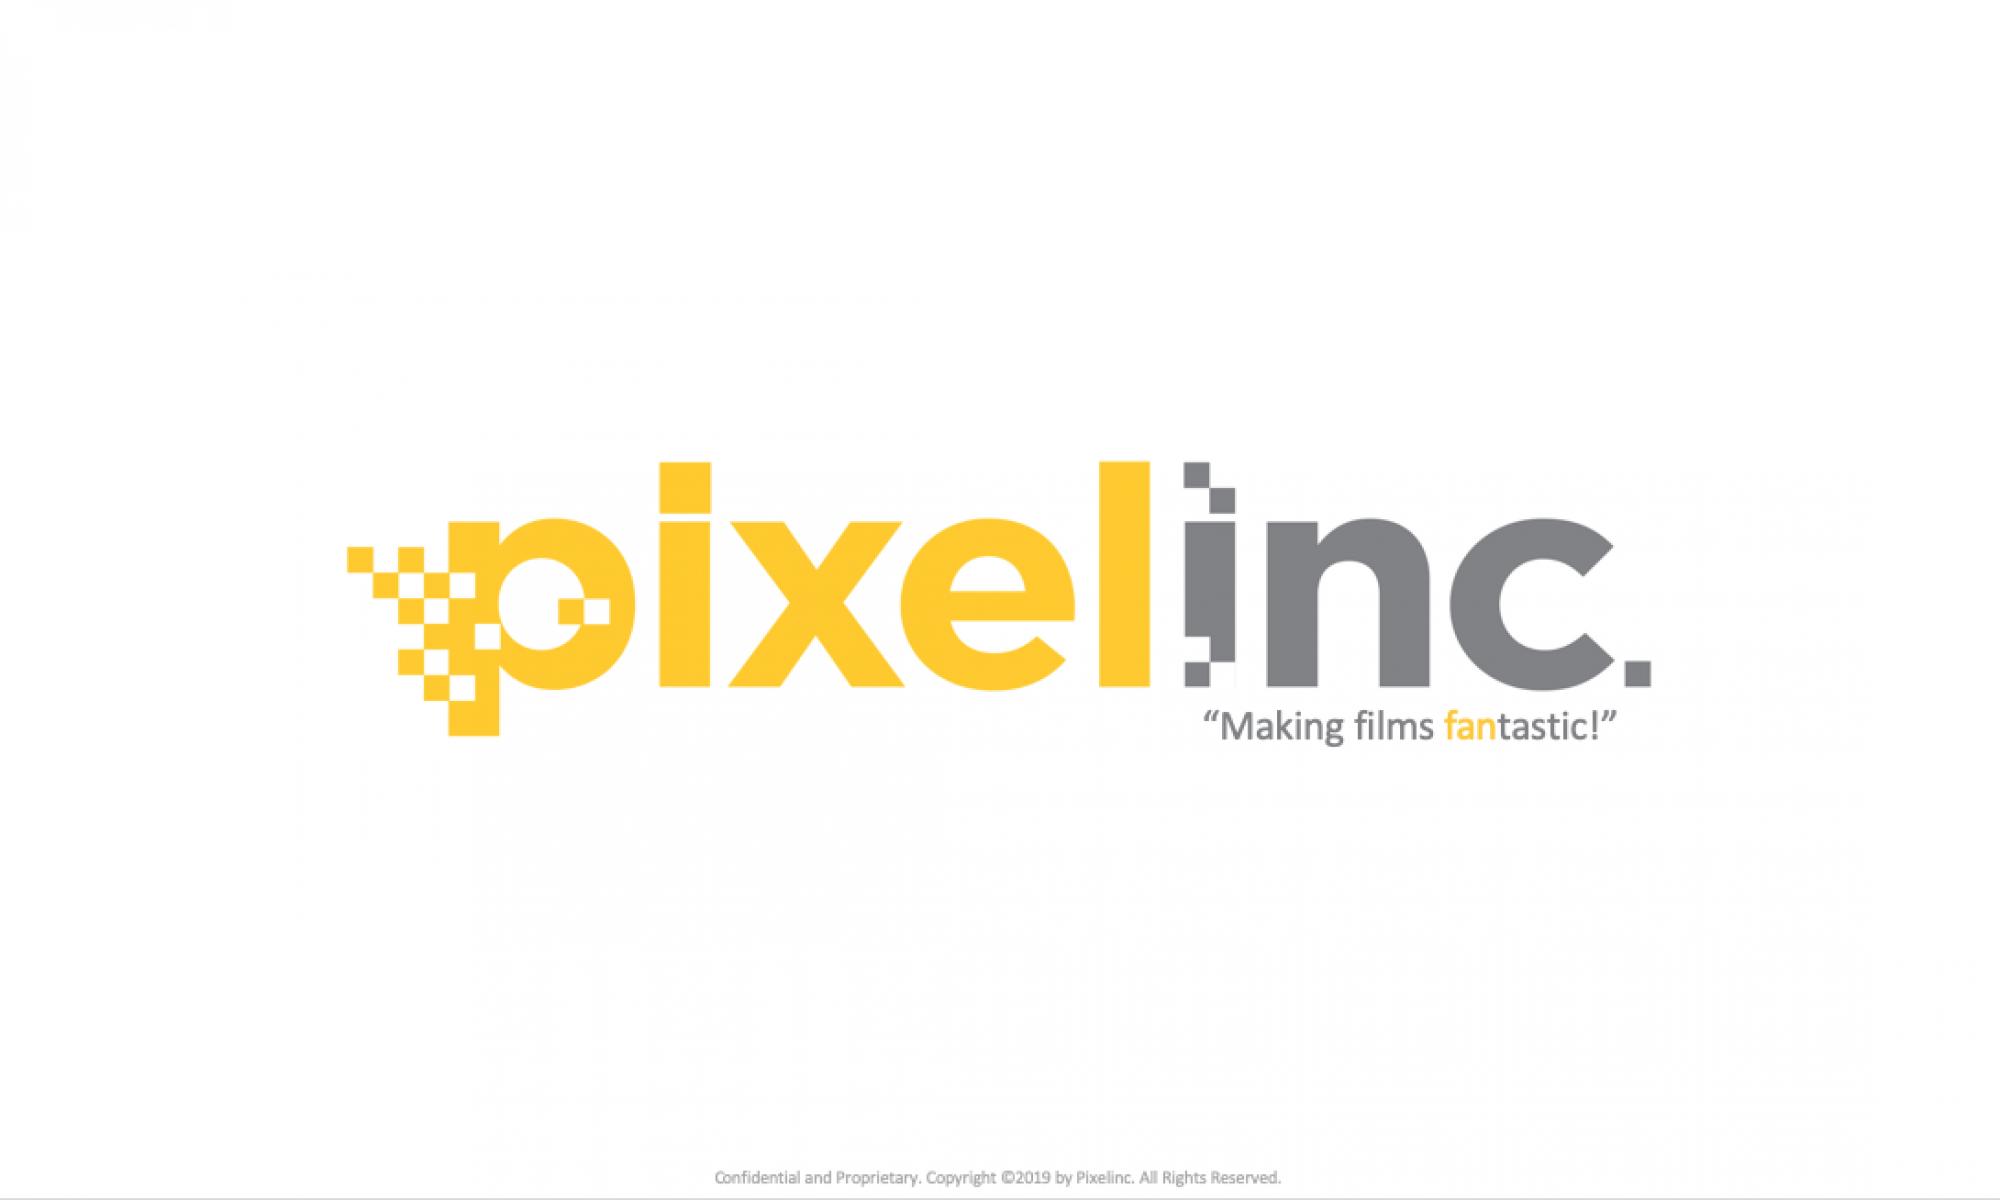 Pixelinc